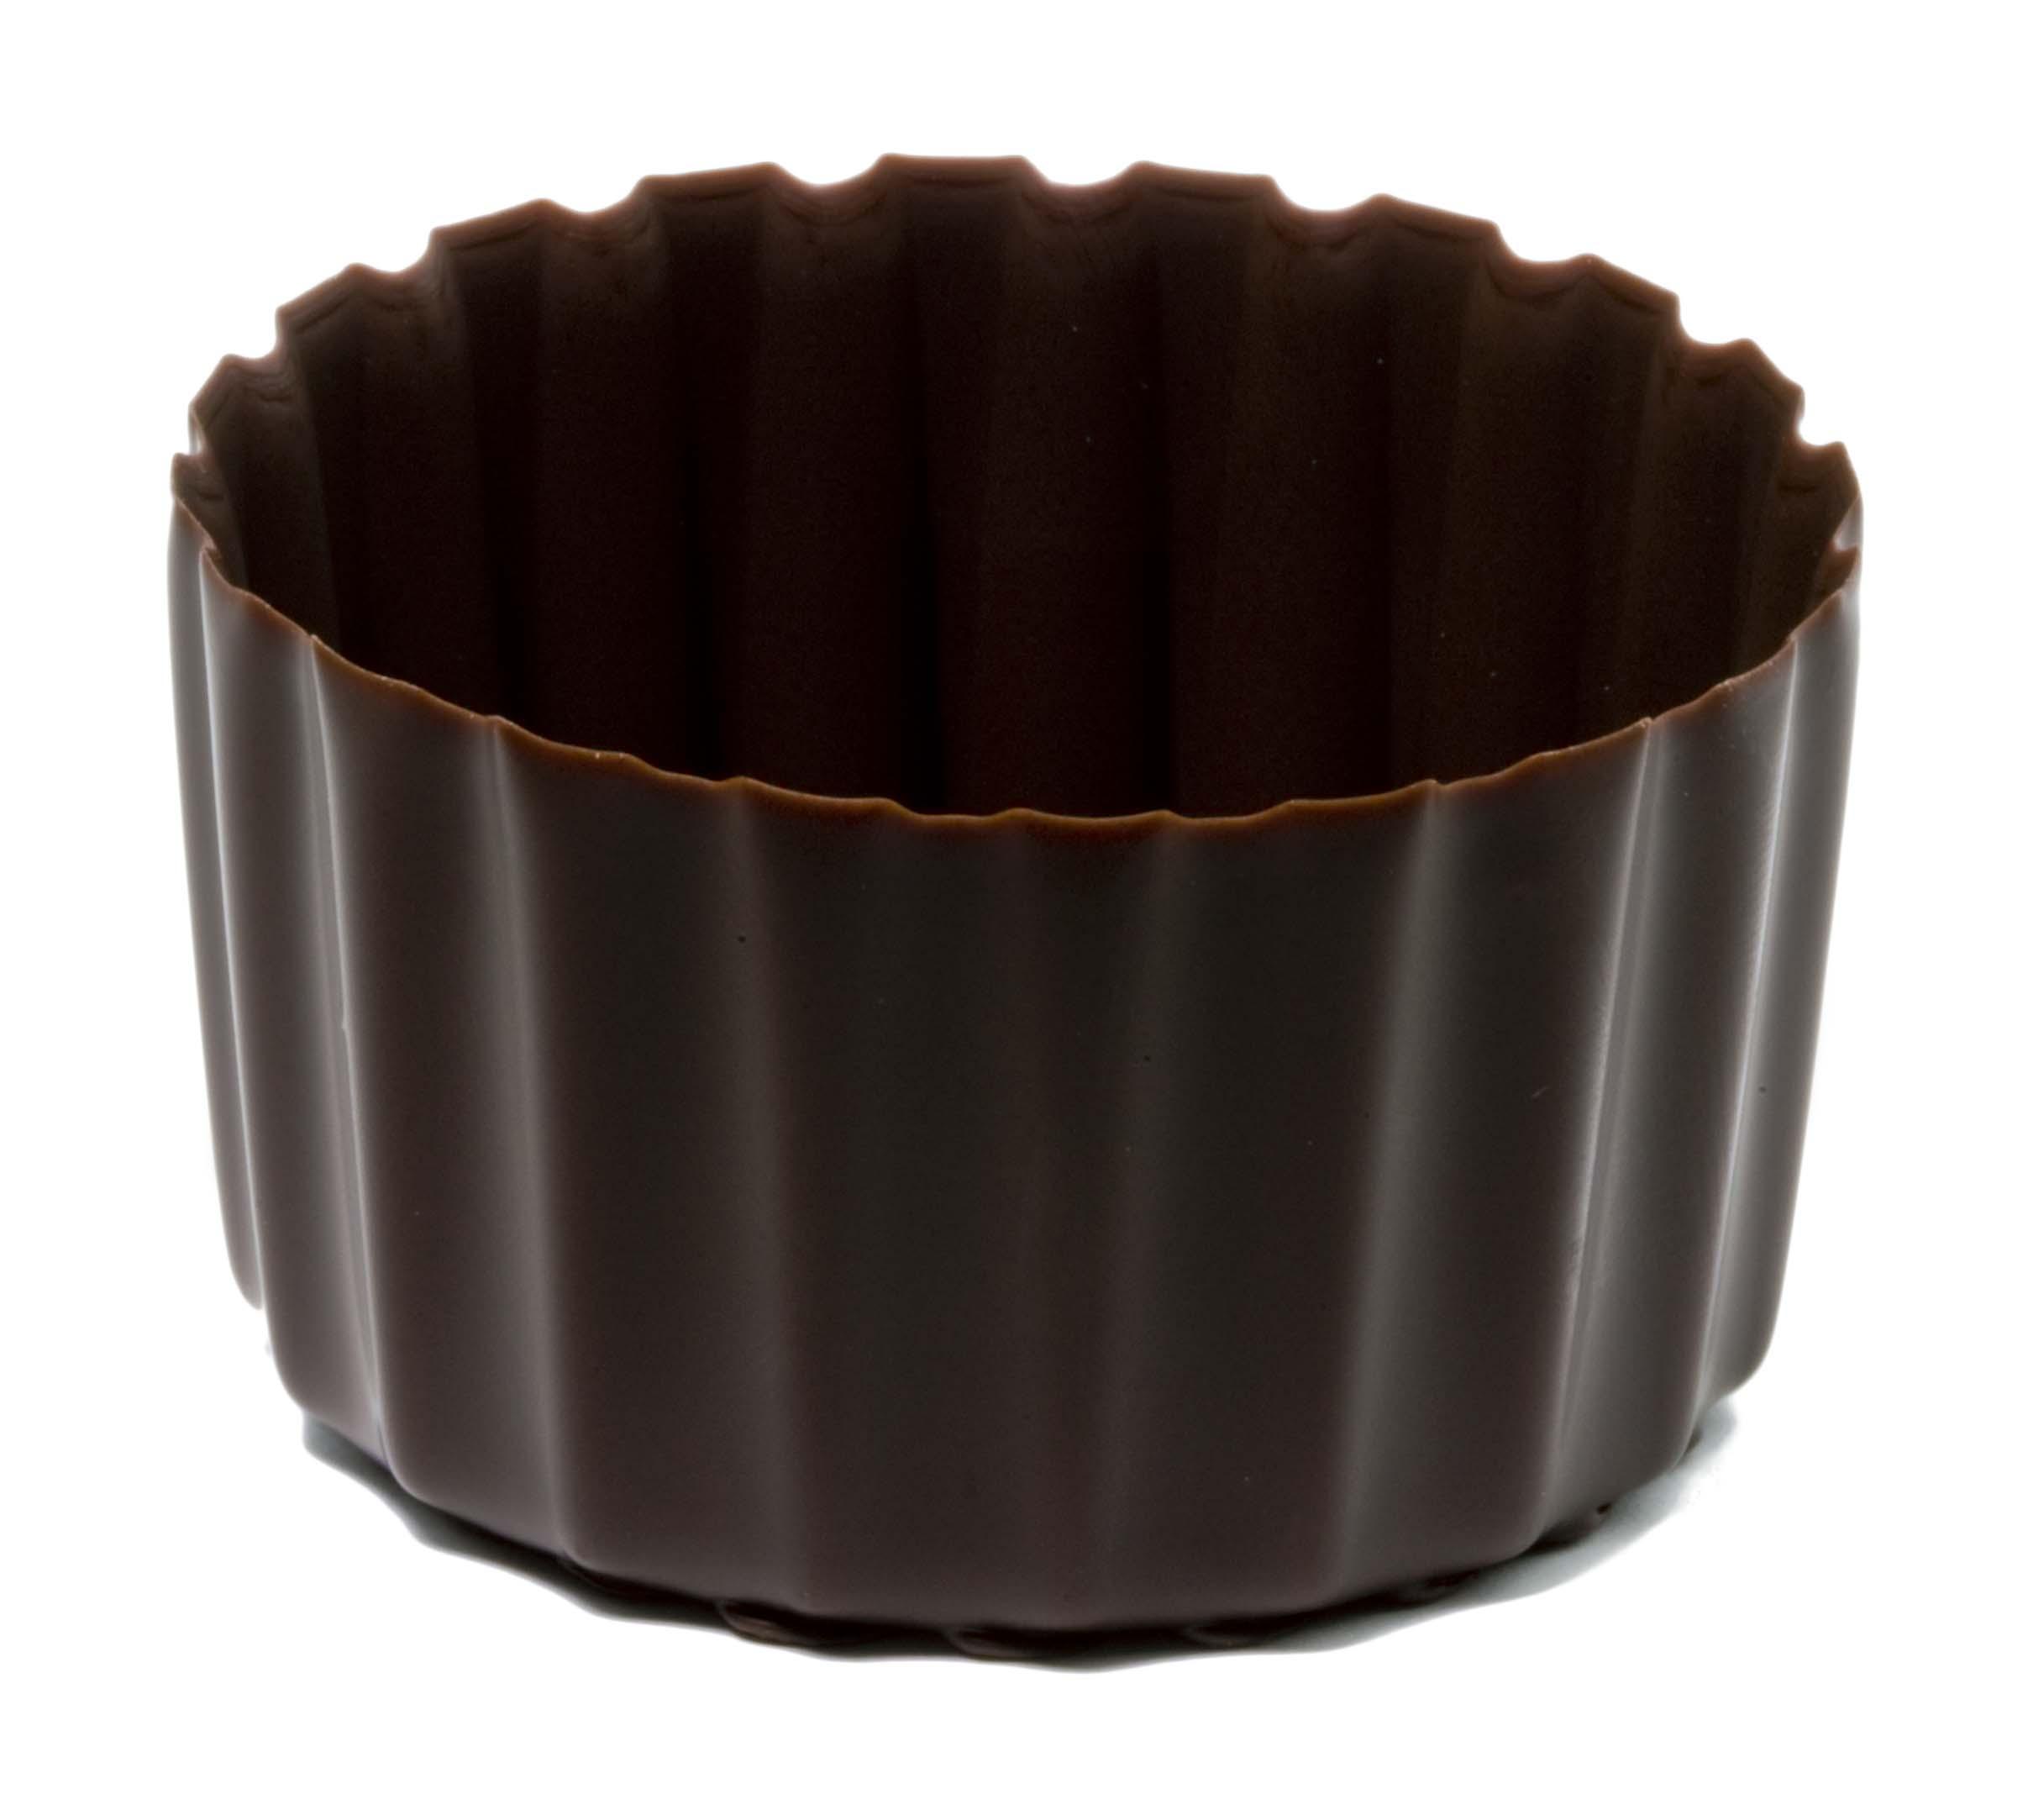 Assortment cups - Dark Angelo Cup